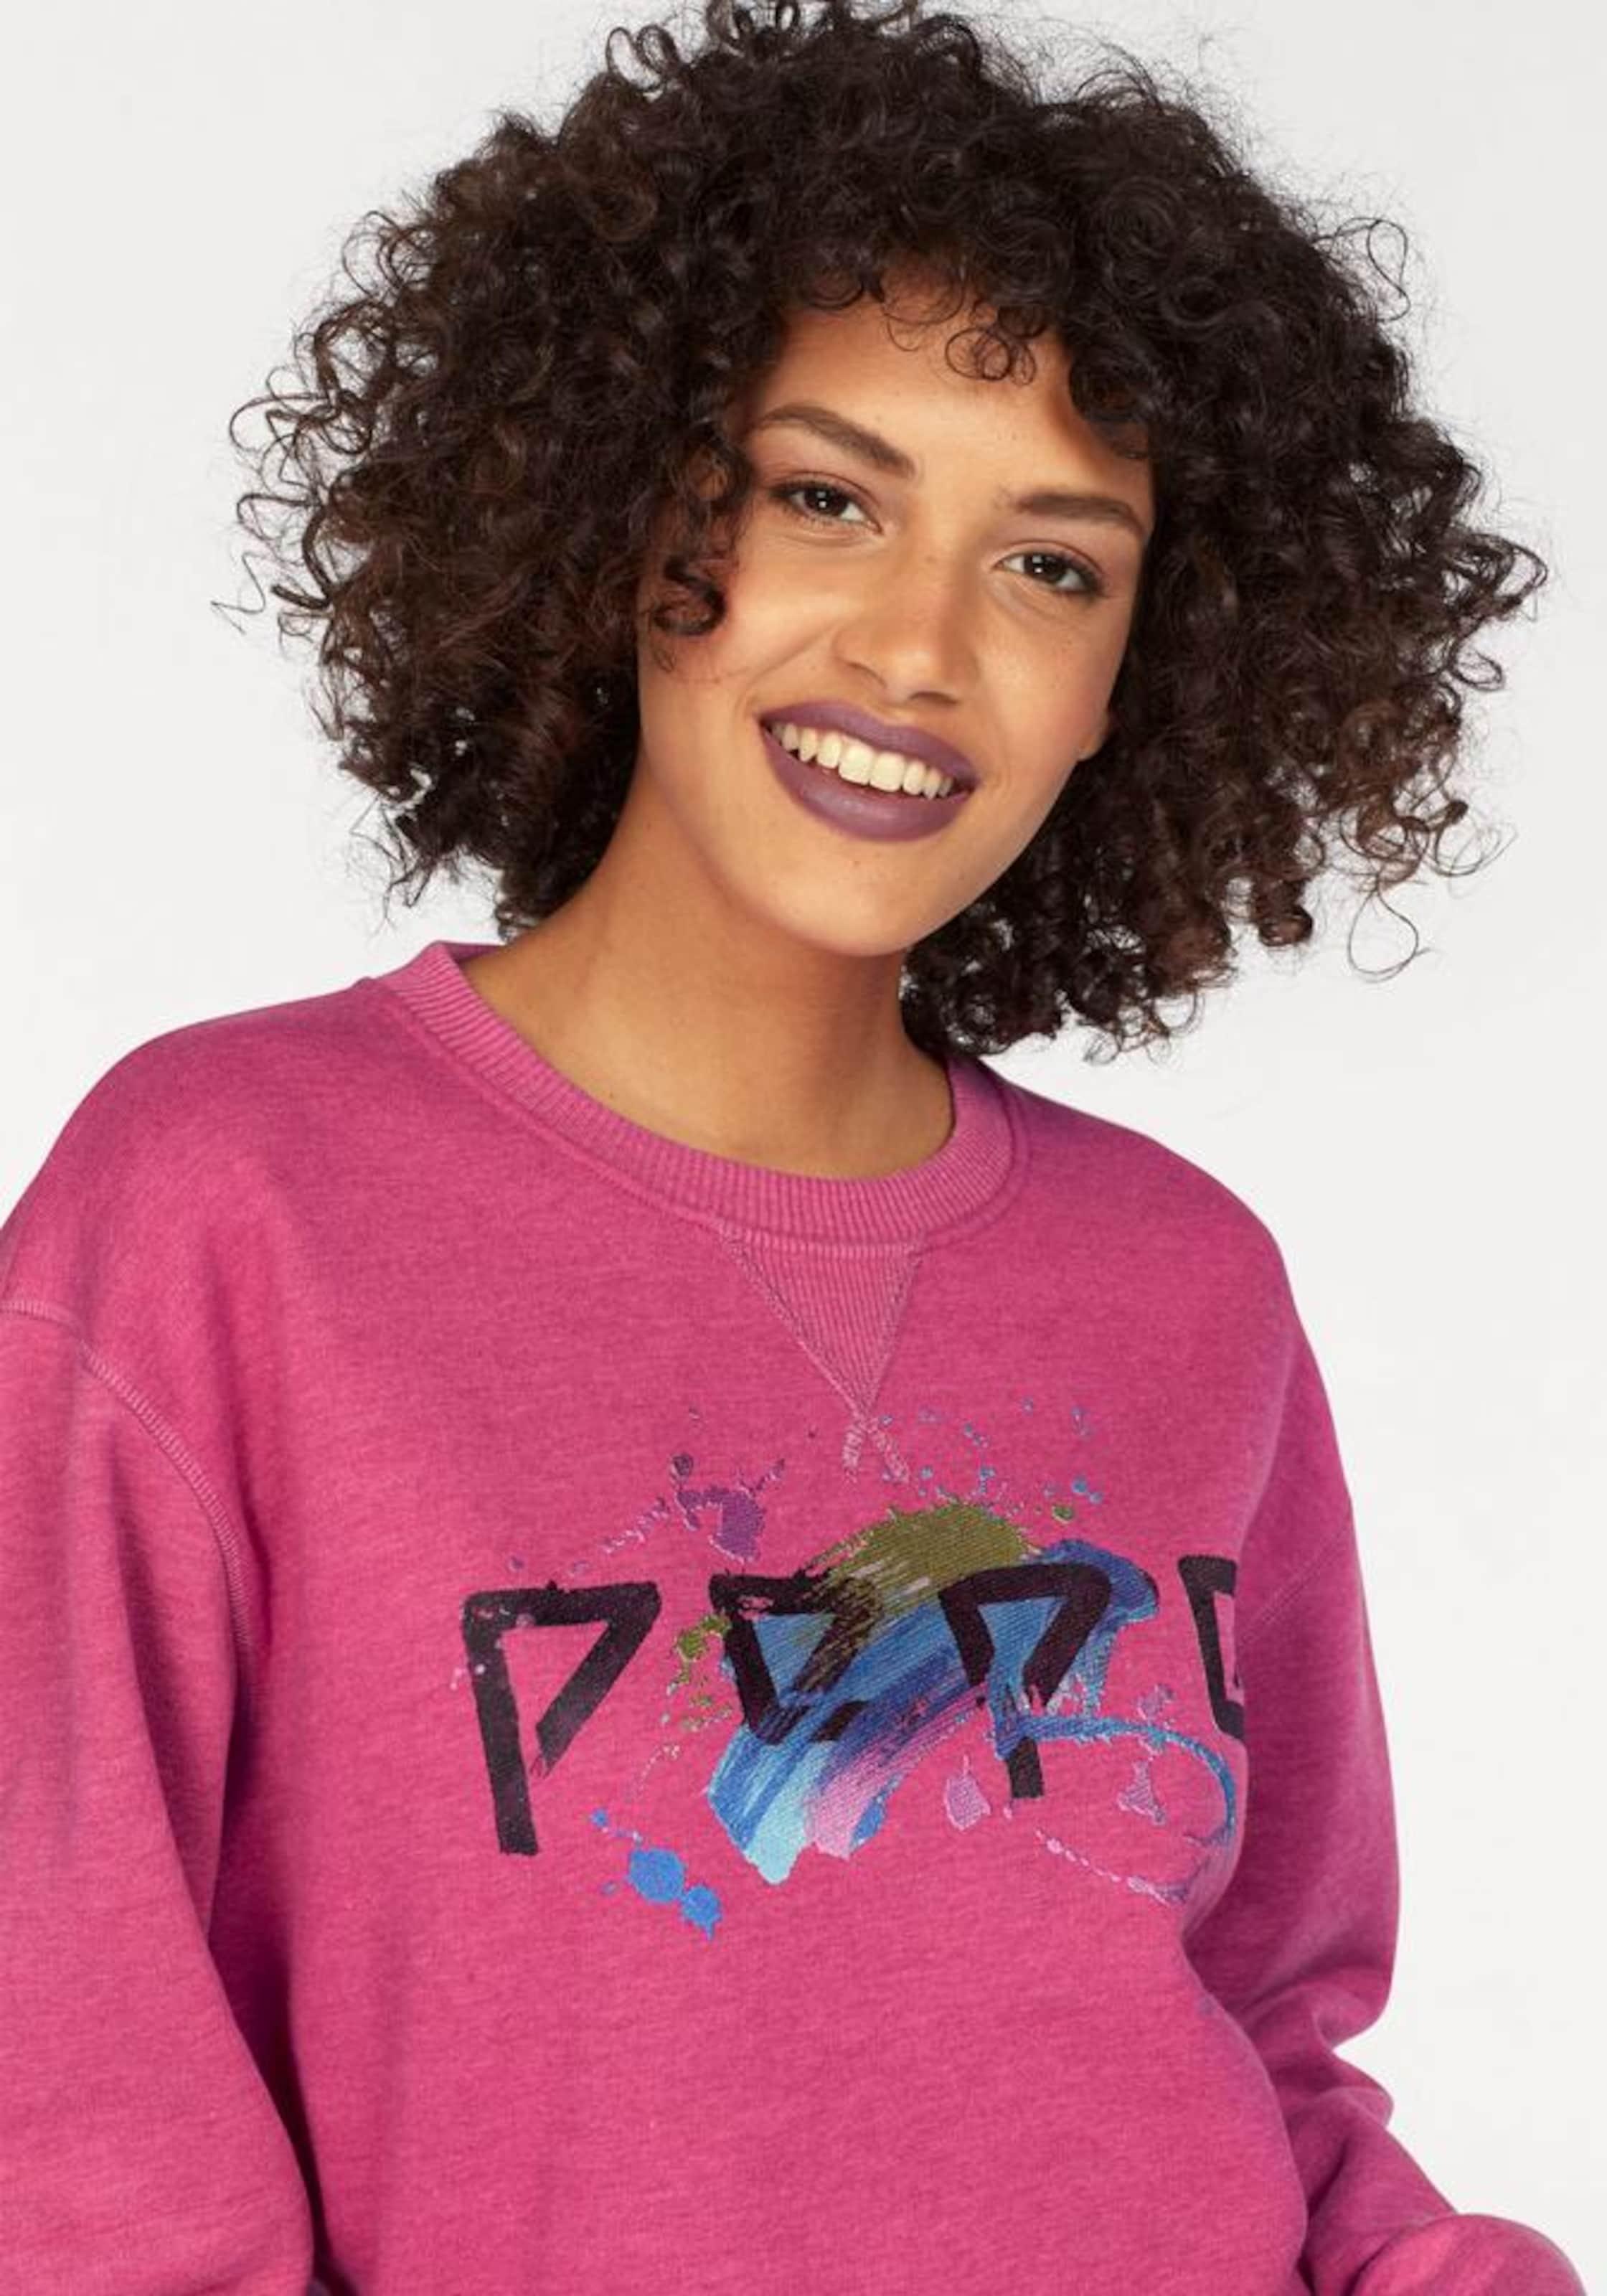 Angebote Zum Verkauf Pepe Jeans Sweatshirt 'FIONA' Freies Verschiffen Wählen Eine Beste Or9V4o7pCj